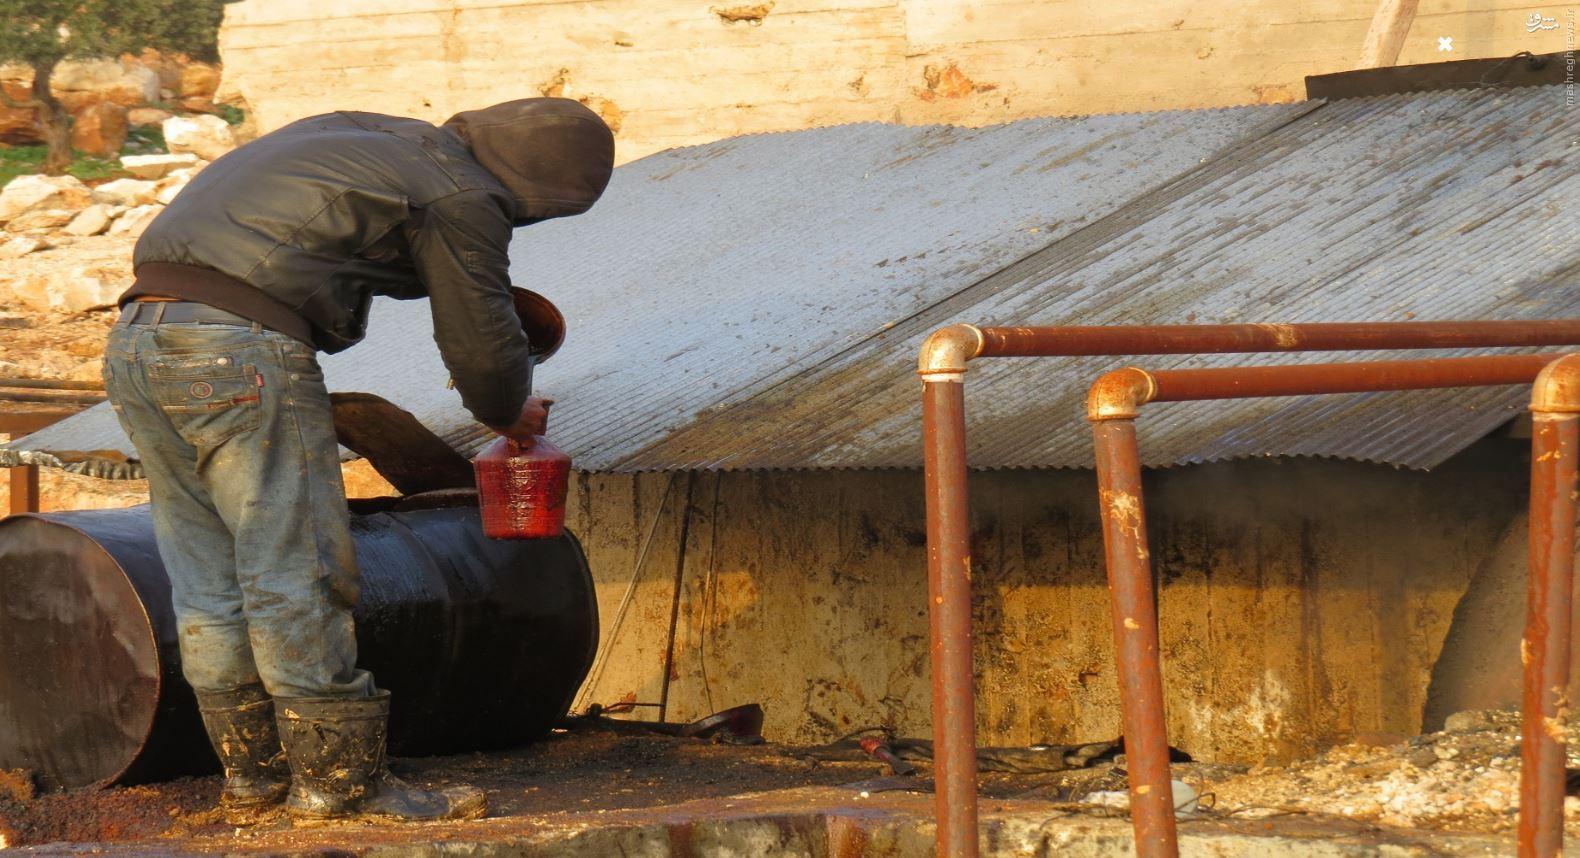 جزئیات استخراج، پالایش، نحوه انتقال و تبادل نفت داعش/ خریداران نفت داعش از چه مسیرهایی محمولههای خود را دریافت میکنند +سند